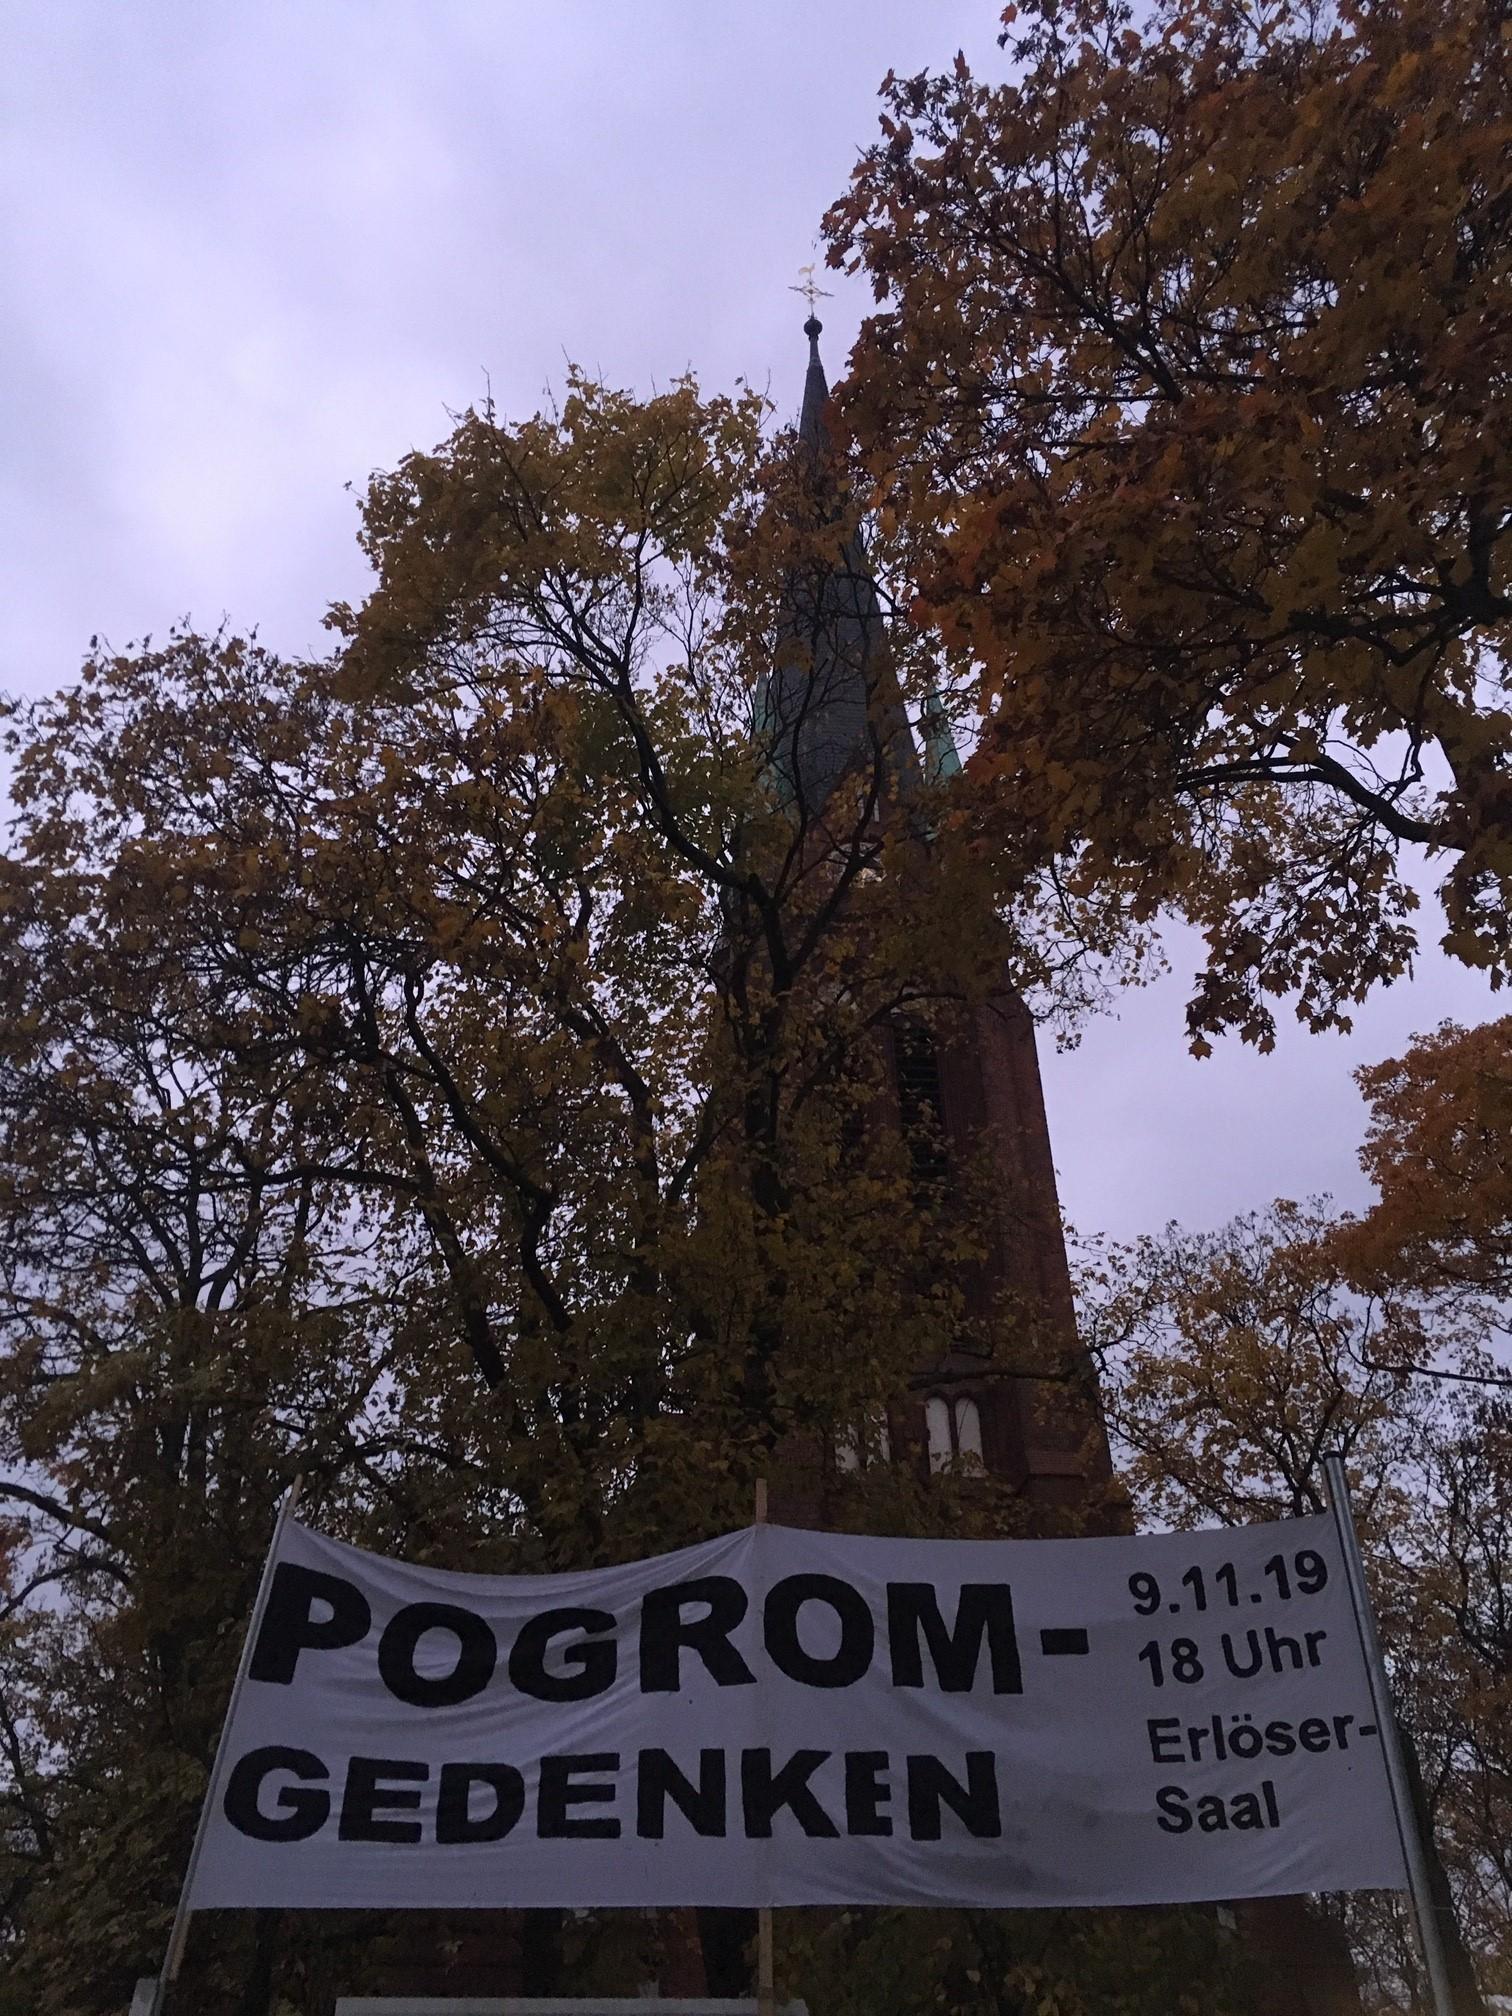 Pogromgedenken